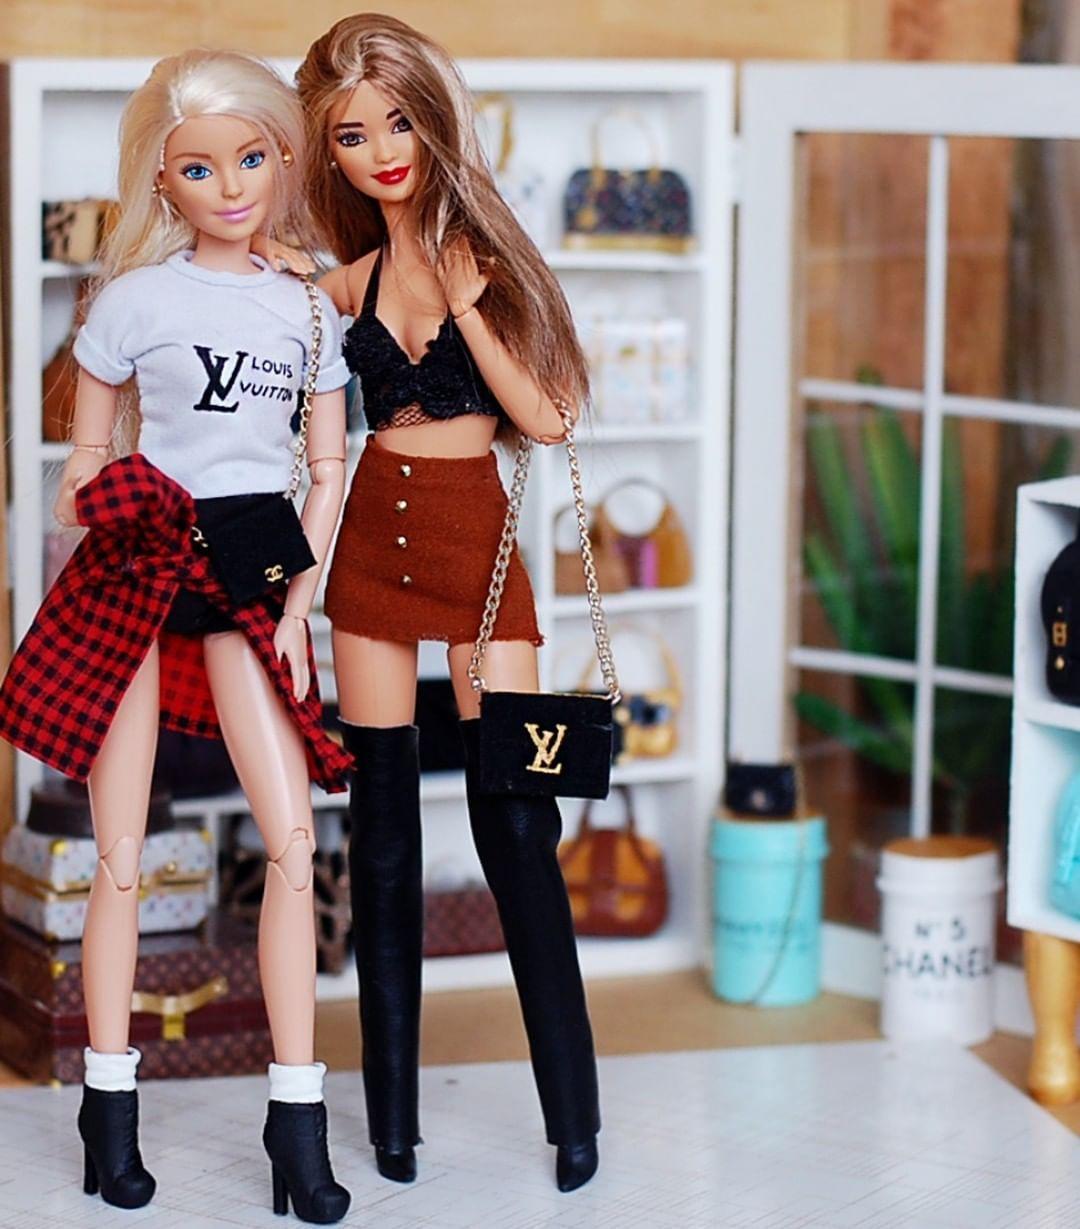 Bunny e Amelí . . . #barbie #doll #barbieinstagram #instadolls #dollsgram #barbiedoll #barbies #dolls #boneca #bonecas #girls #girl… #barbie